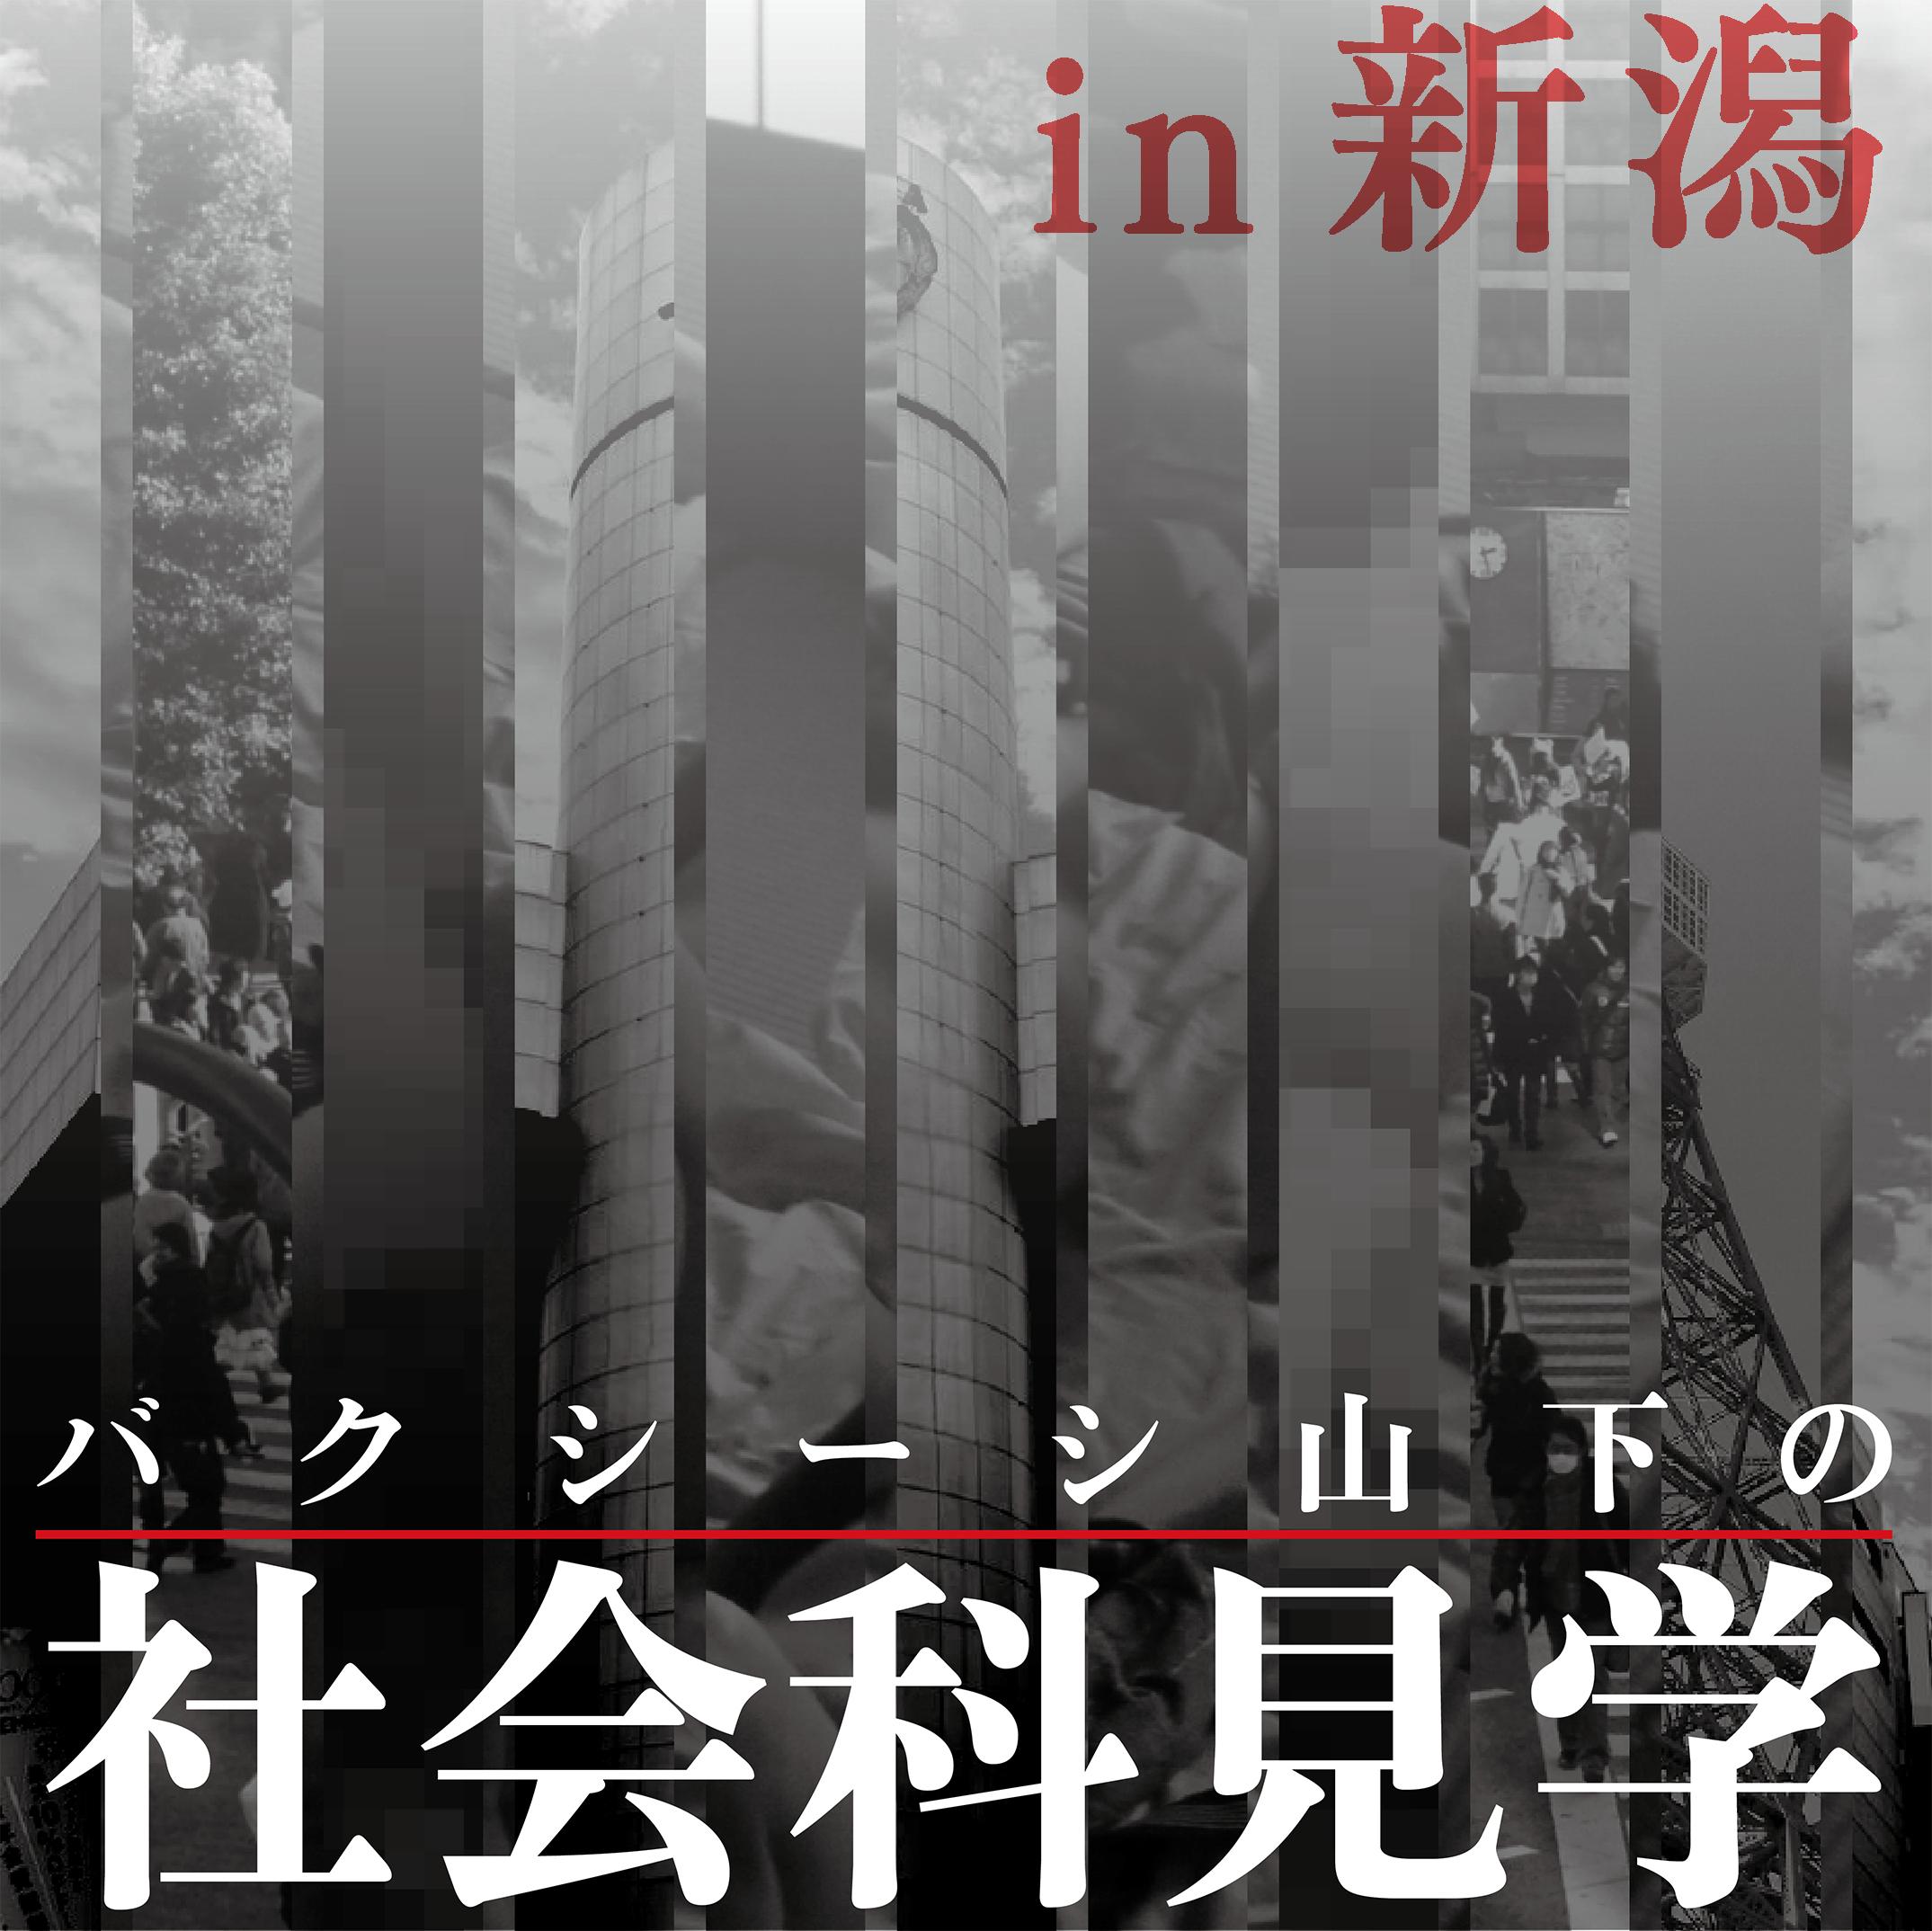 【第1回WSNL】4/26(日)『バクシーシ山下の社会科見学in新潟』